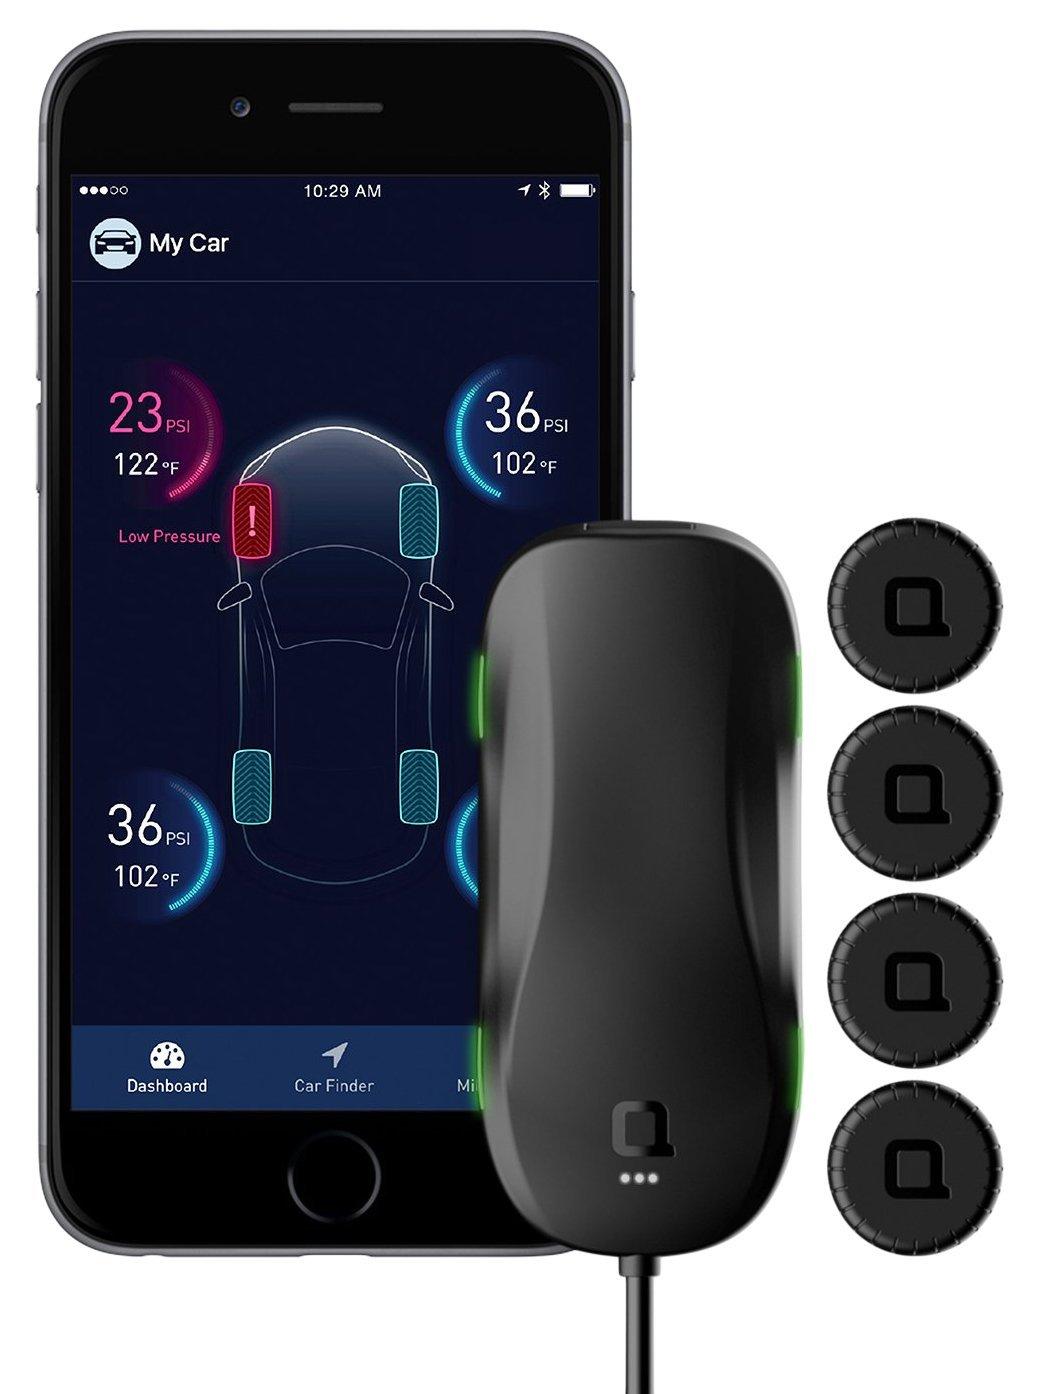 Nonda Zus Smart tire monitor di sicurezza, World' s first Slow rilevatore di perdite con tecnologia Accuratetemp® , dati in tempo reale di pressione dei pneumatici e temperatura, 10 min auto-install, app abilitato TPMS 10min auto-install ZUTMBKR